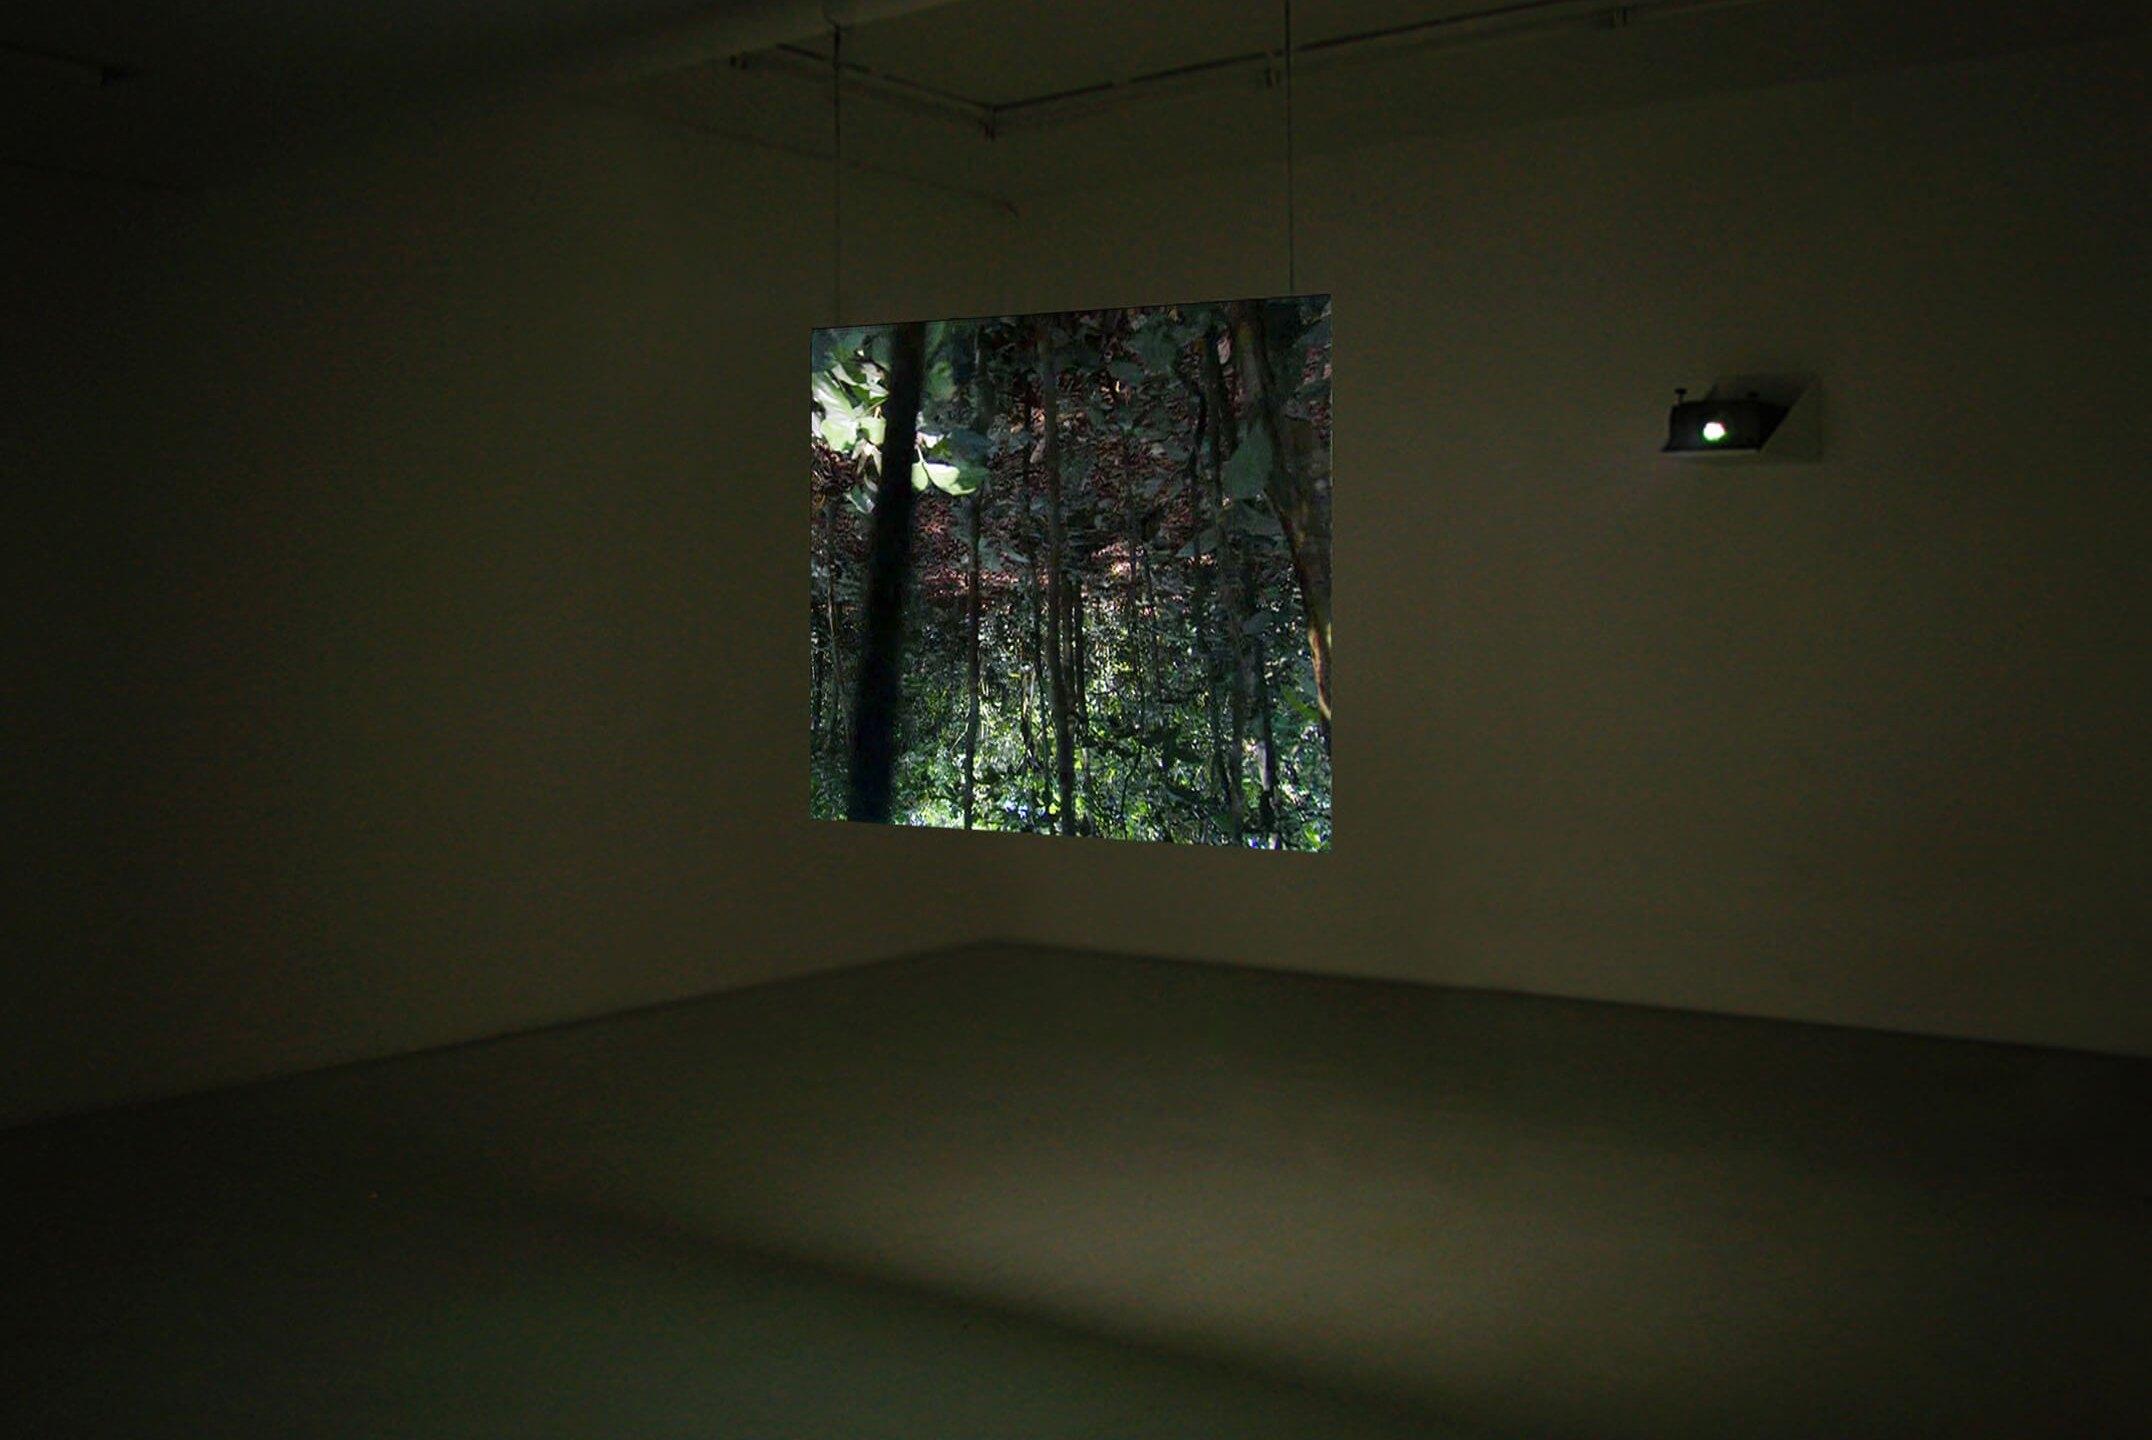 Daniel Steegmann Mangrané, <em>Teque-teque</em>, 2010, monochannel video, color, sound 0'38